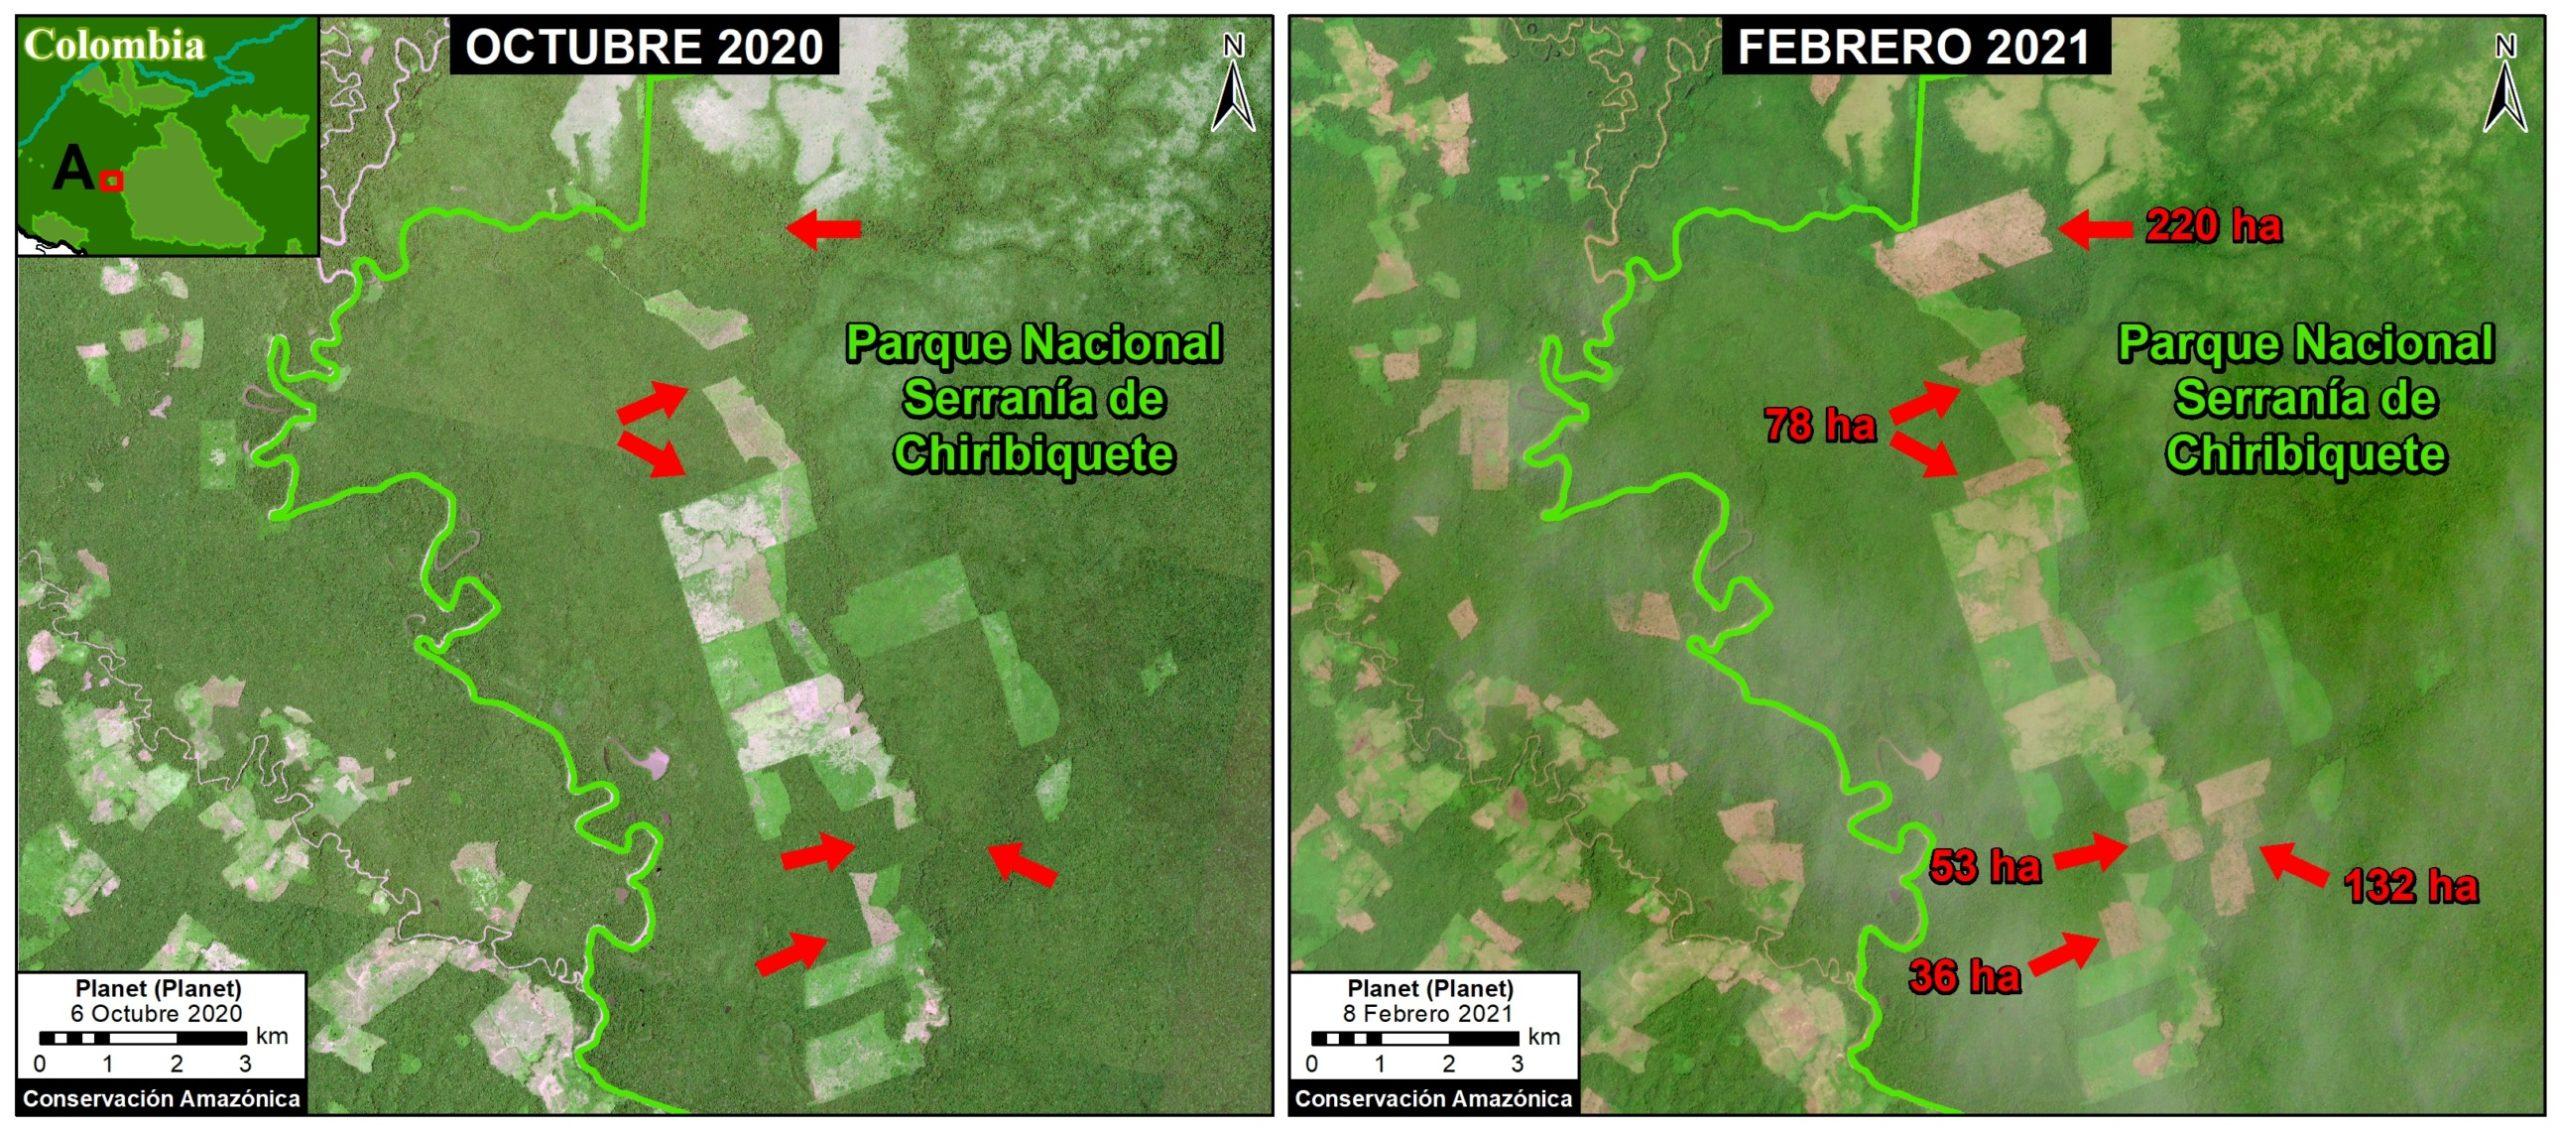 Deforestación en el Parque Nacional Chiribiquete, sector oeste 1. Coordenada de referencia: 1.05497° N, 74.26465° W. Datos: Planet, MAAP.